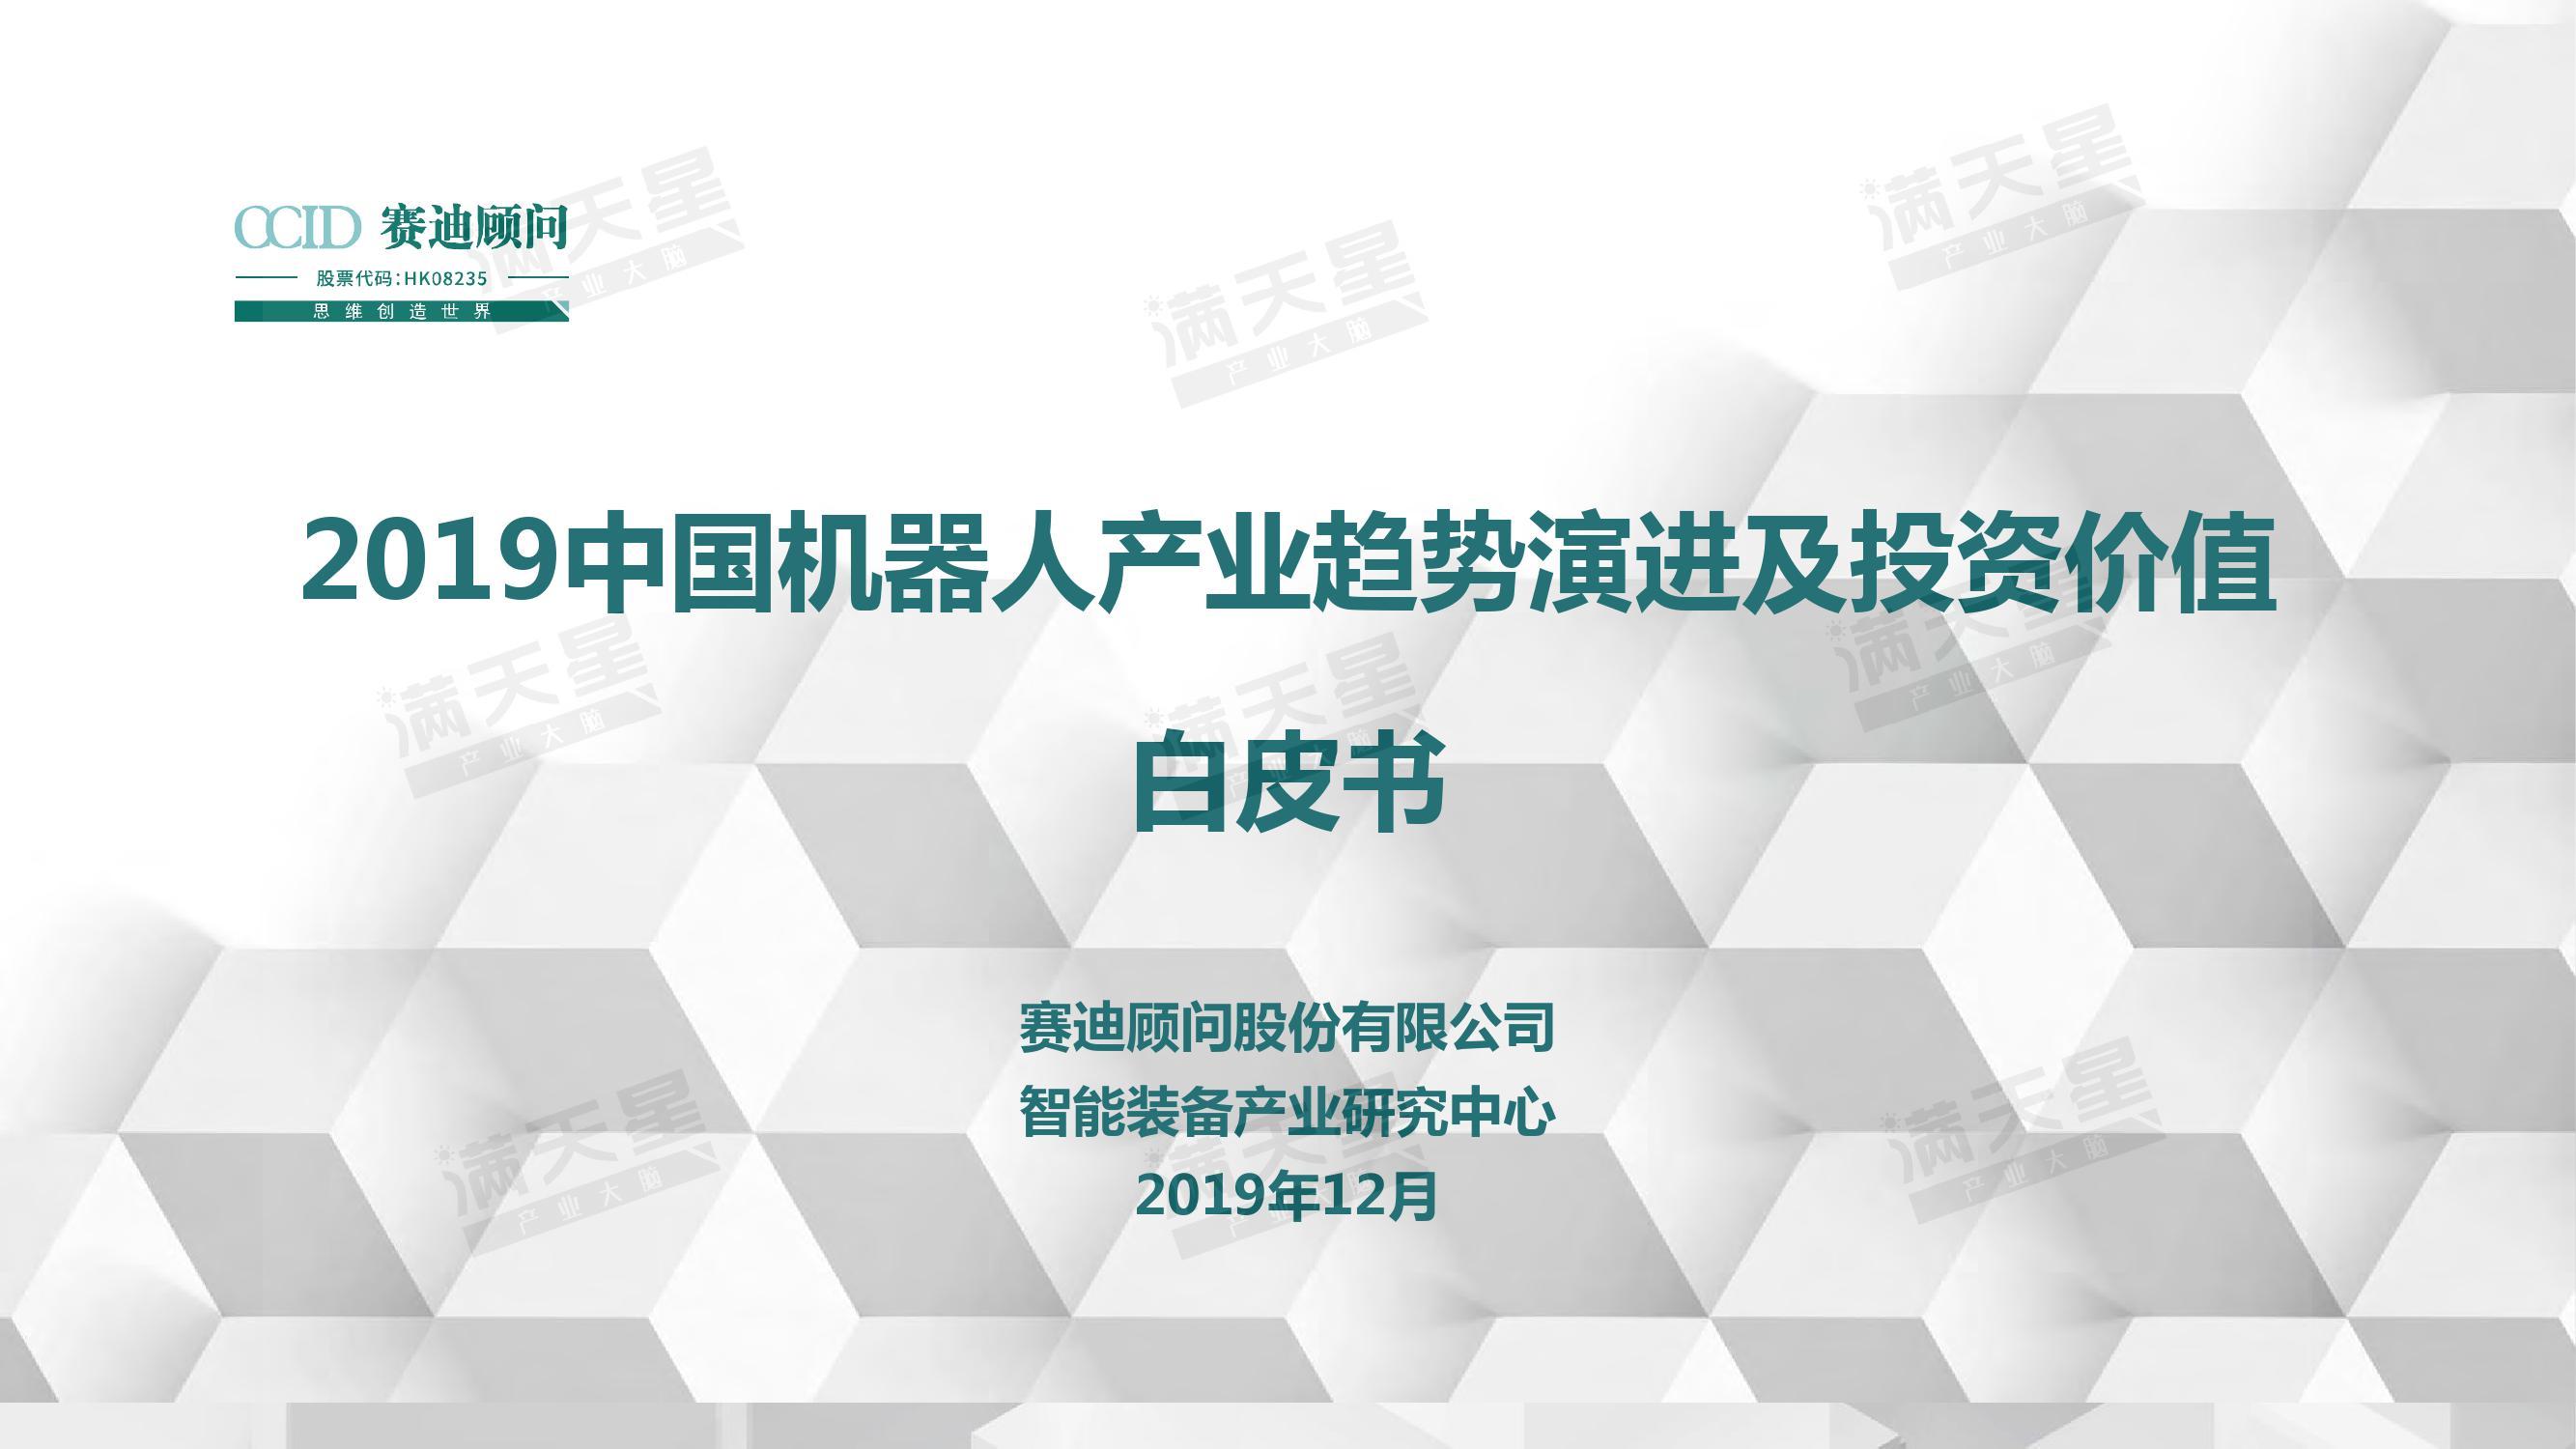 赛迪顾问:2019中国机器人产业演进与投资价值白皮书(附下载)